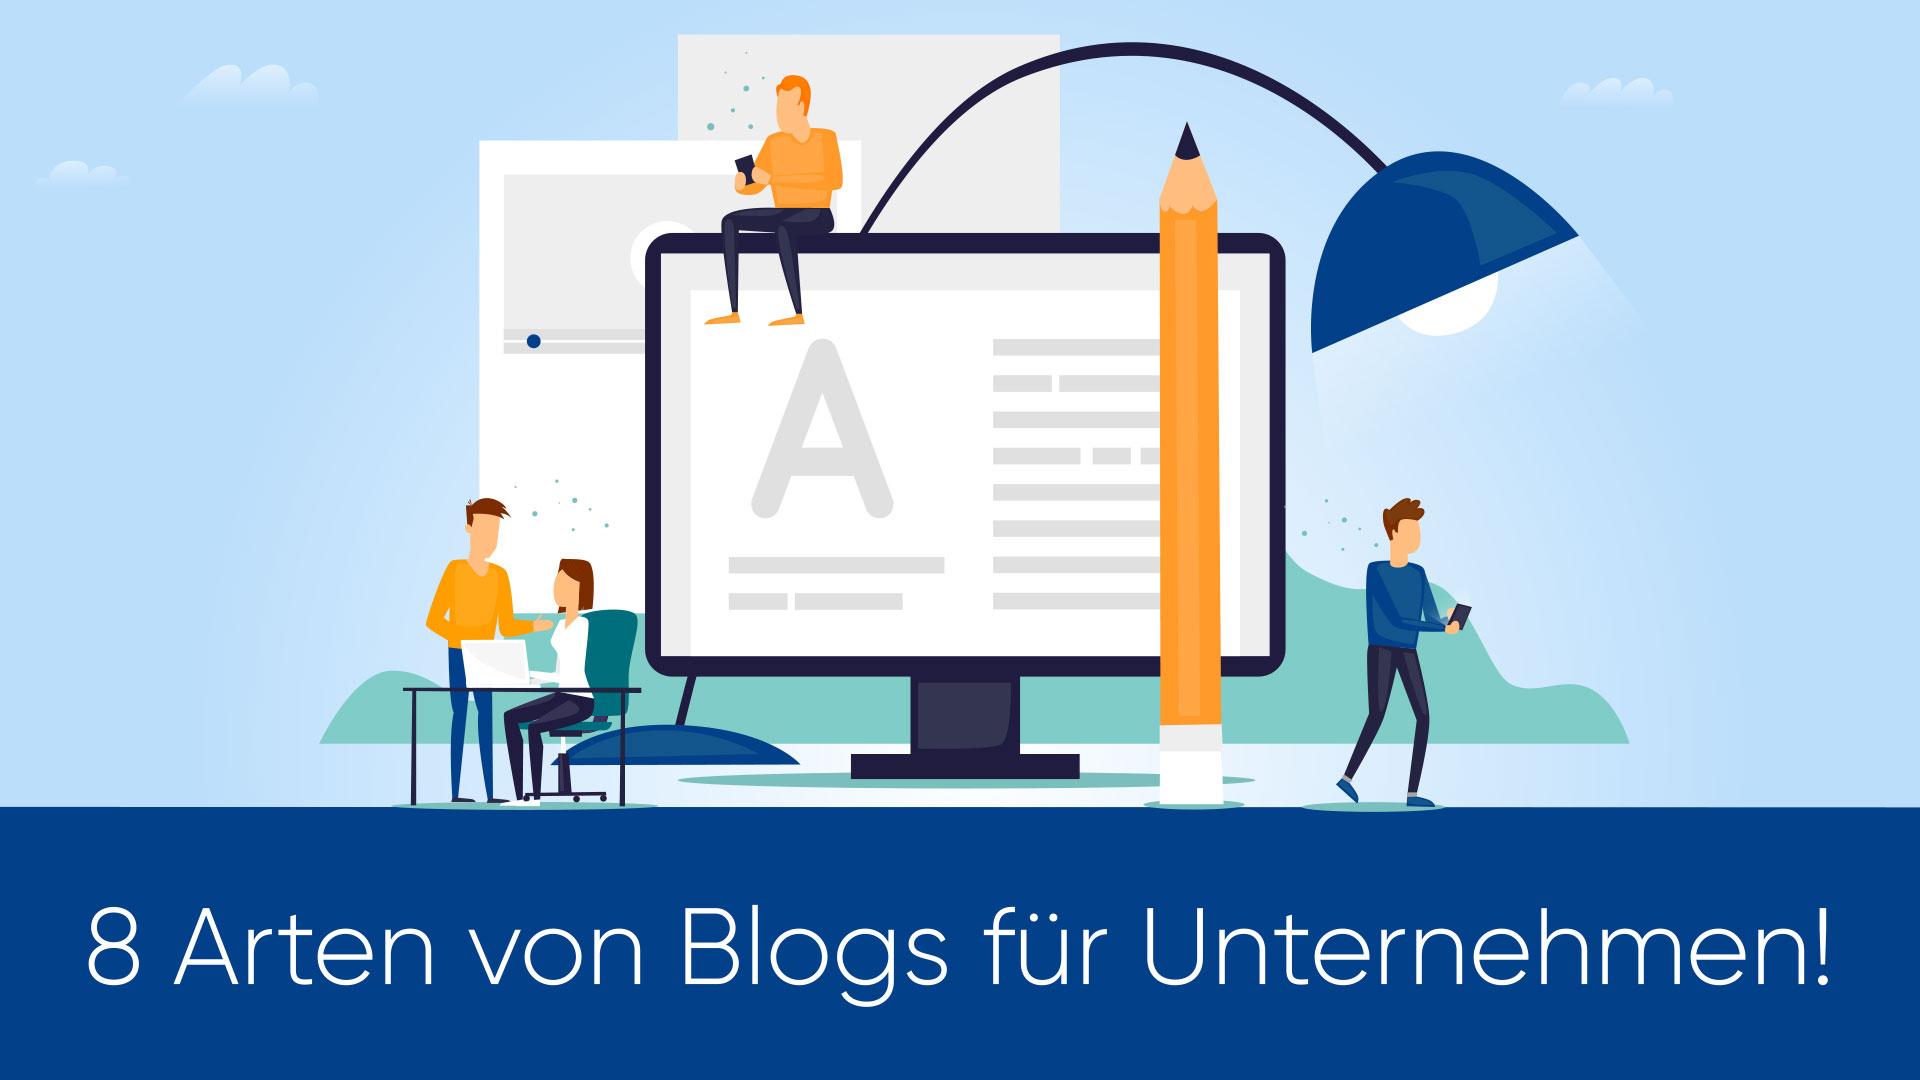 8 Arten von Blogs für Unternehmen